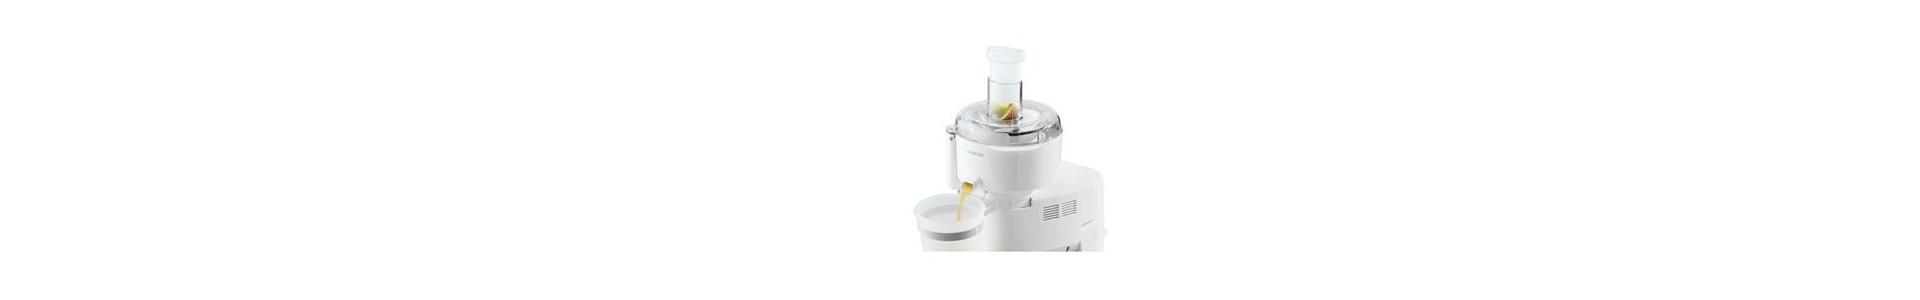 Accessoires pour la centrifugeuse Kenwood AT265